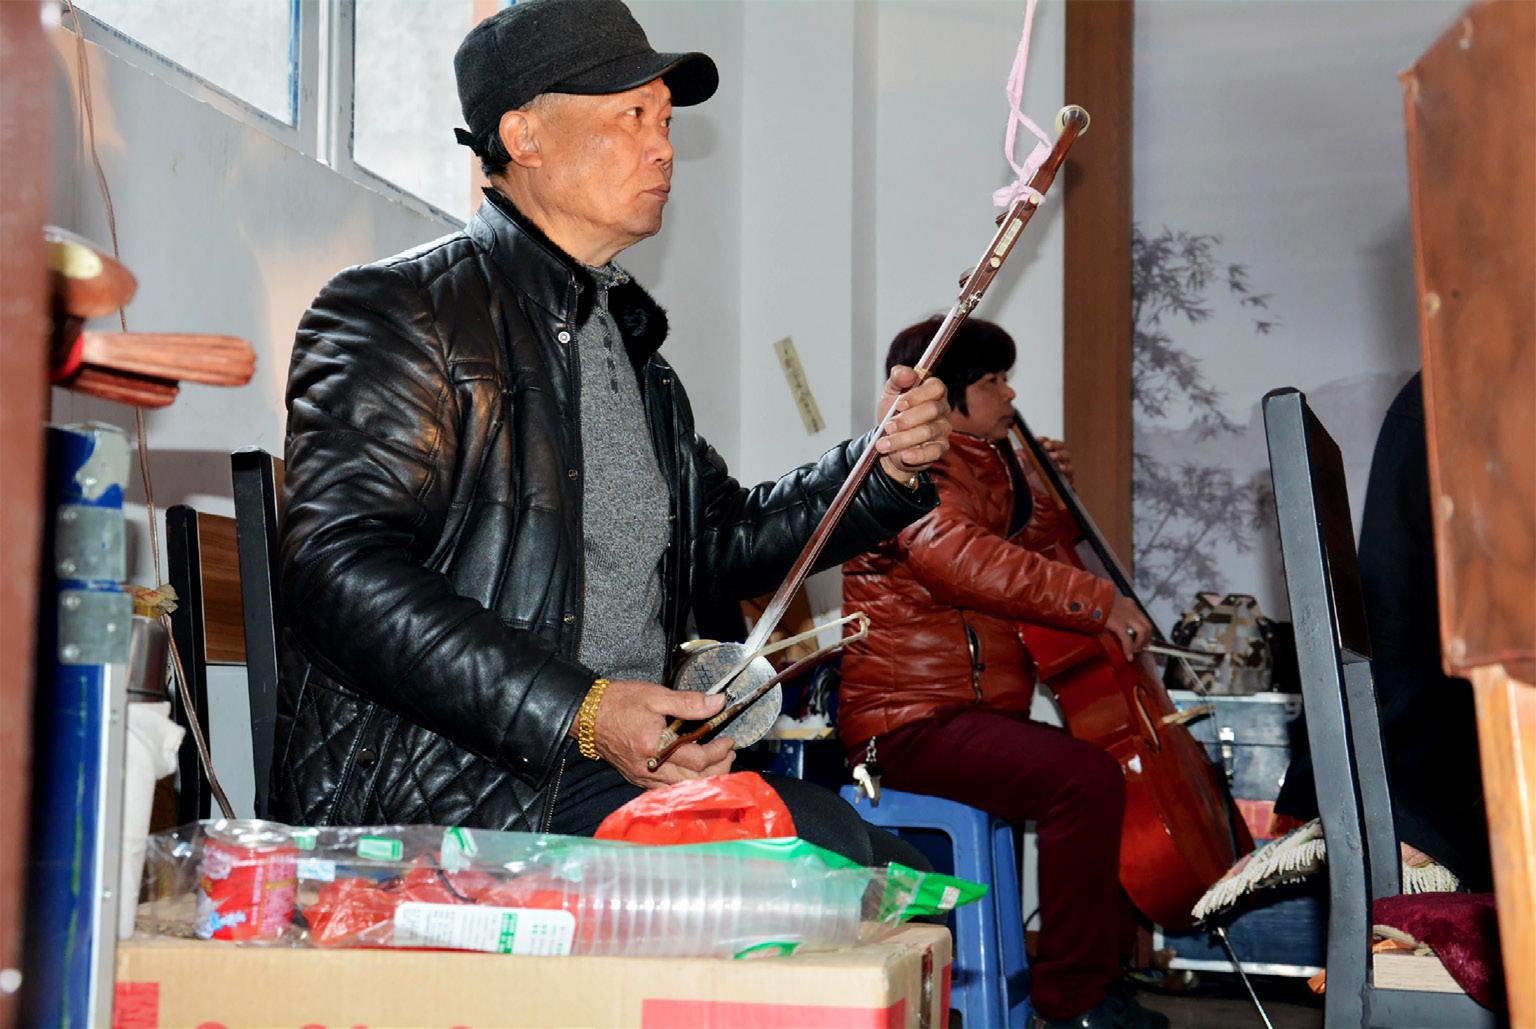 FIGURA 7. Erhu e violoncello durante uno spettacolo di marionette a Wencheng. In primo piano con l'erhu Yong Zhong, presidente dell'associazione per la musica etnica di Wencheng (foto: F. Serratore).